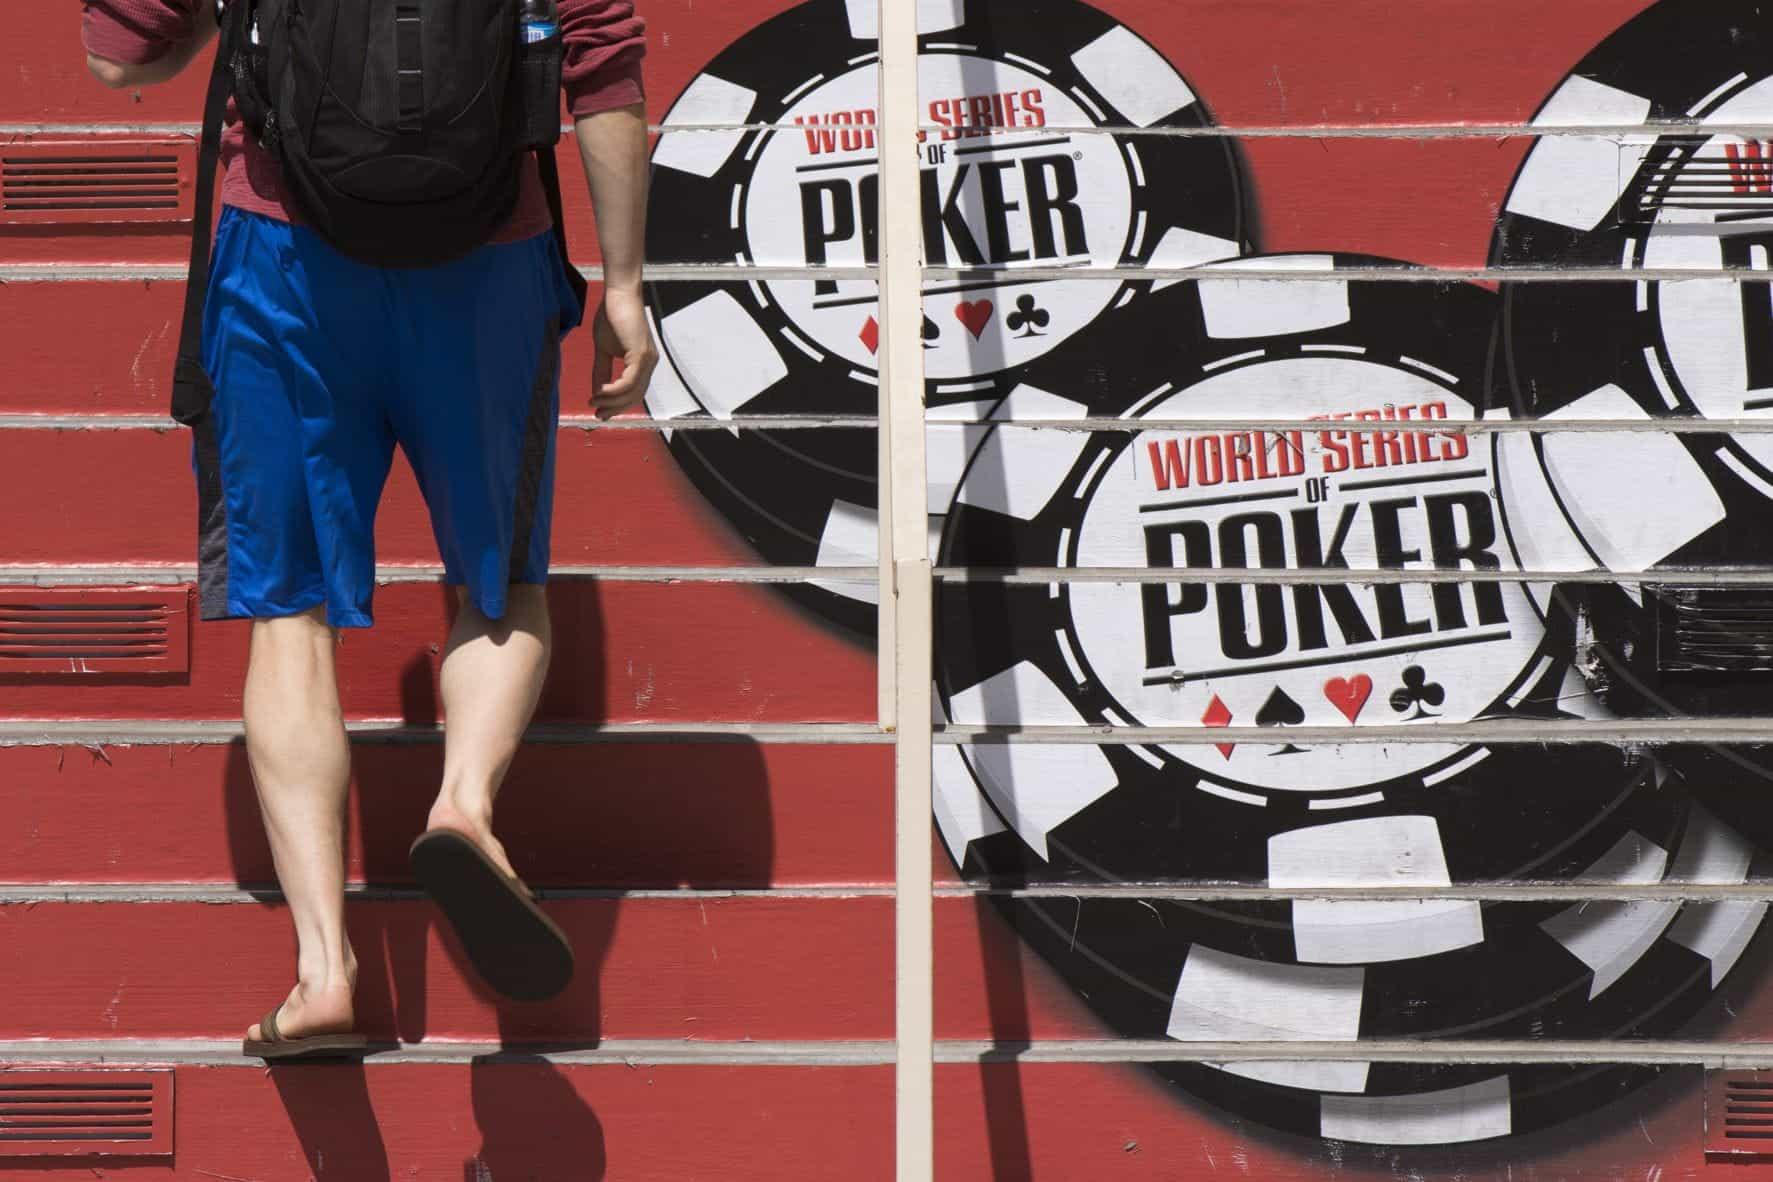 Seorang pria berjalan menaiki tangga, yang memiliki logo World Series of Poker terlukis di atasnya.